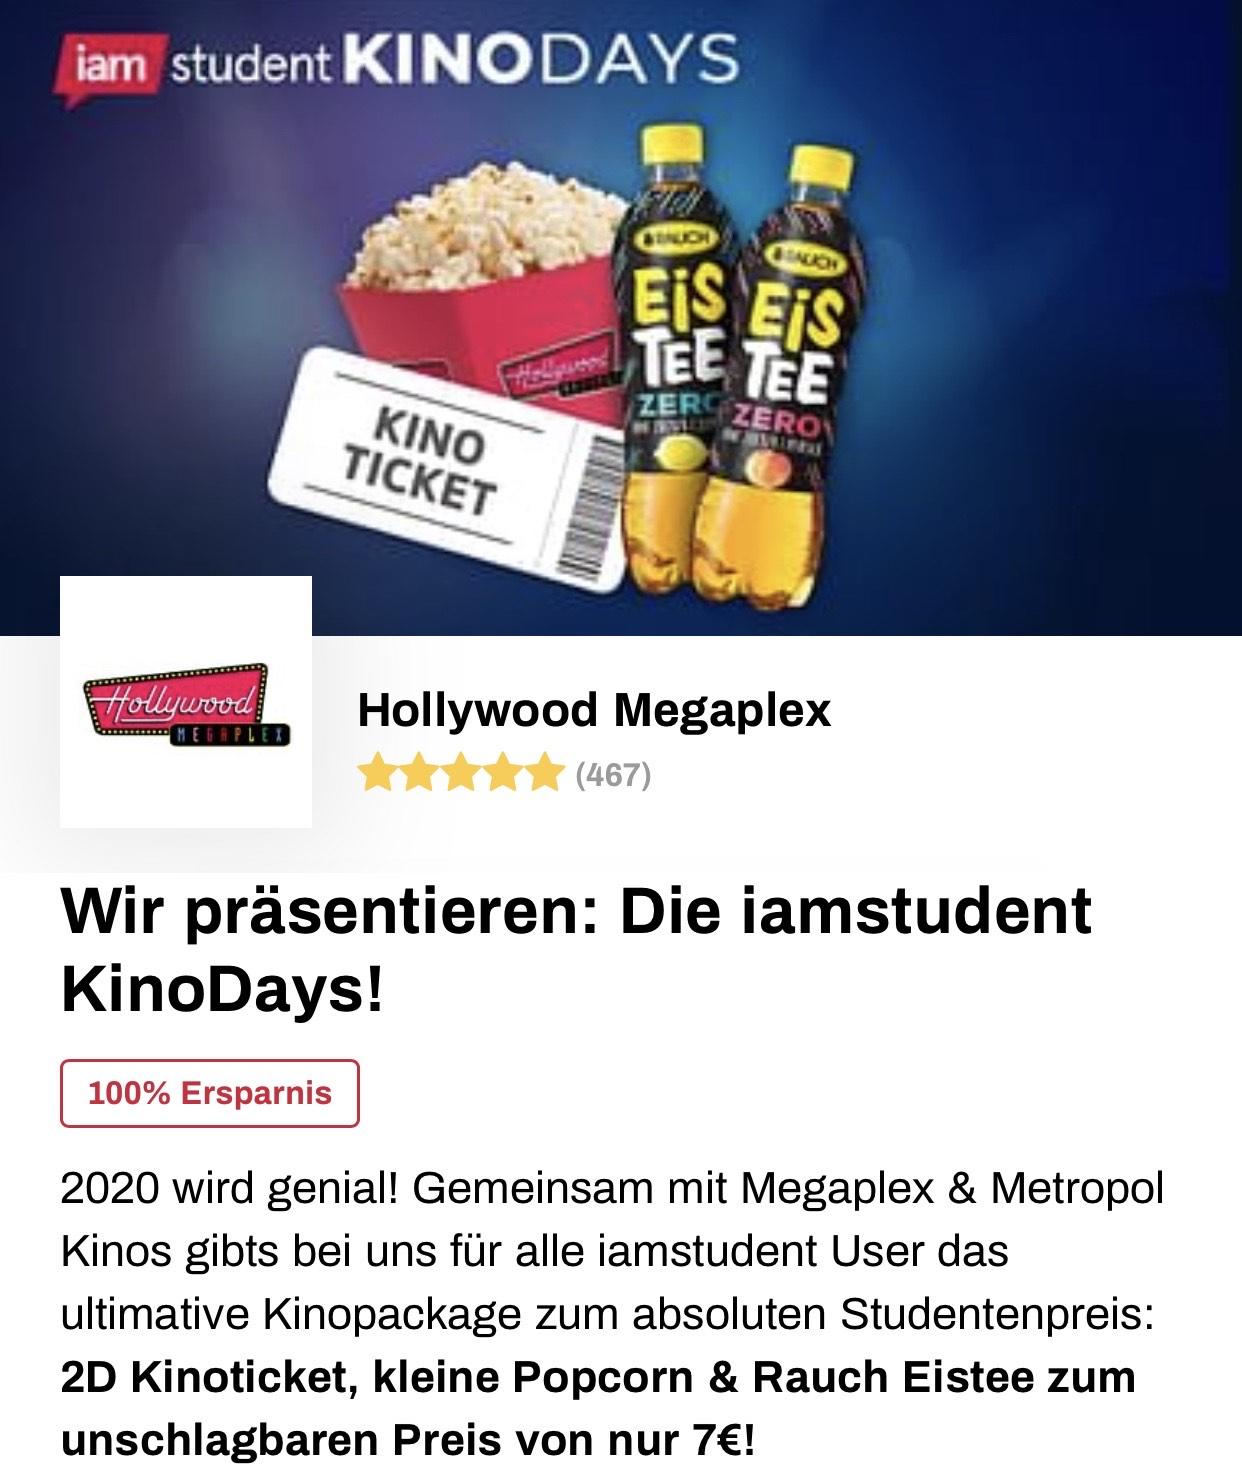 iamstudent Kinodays | Hollywood Megaplex